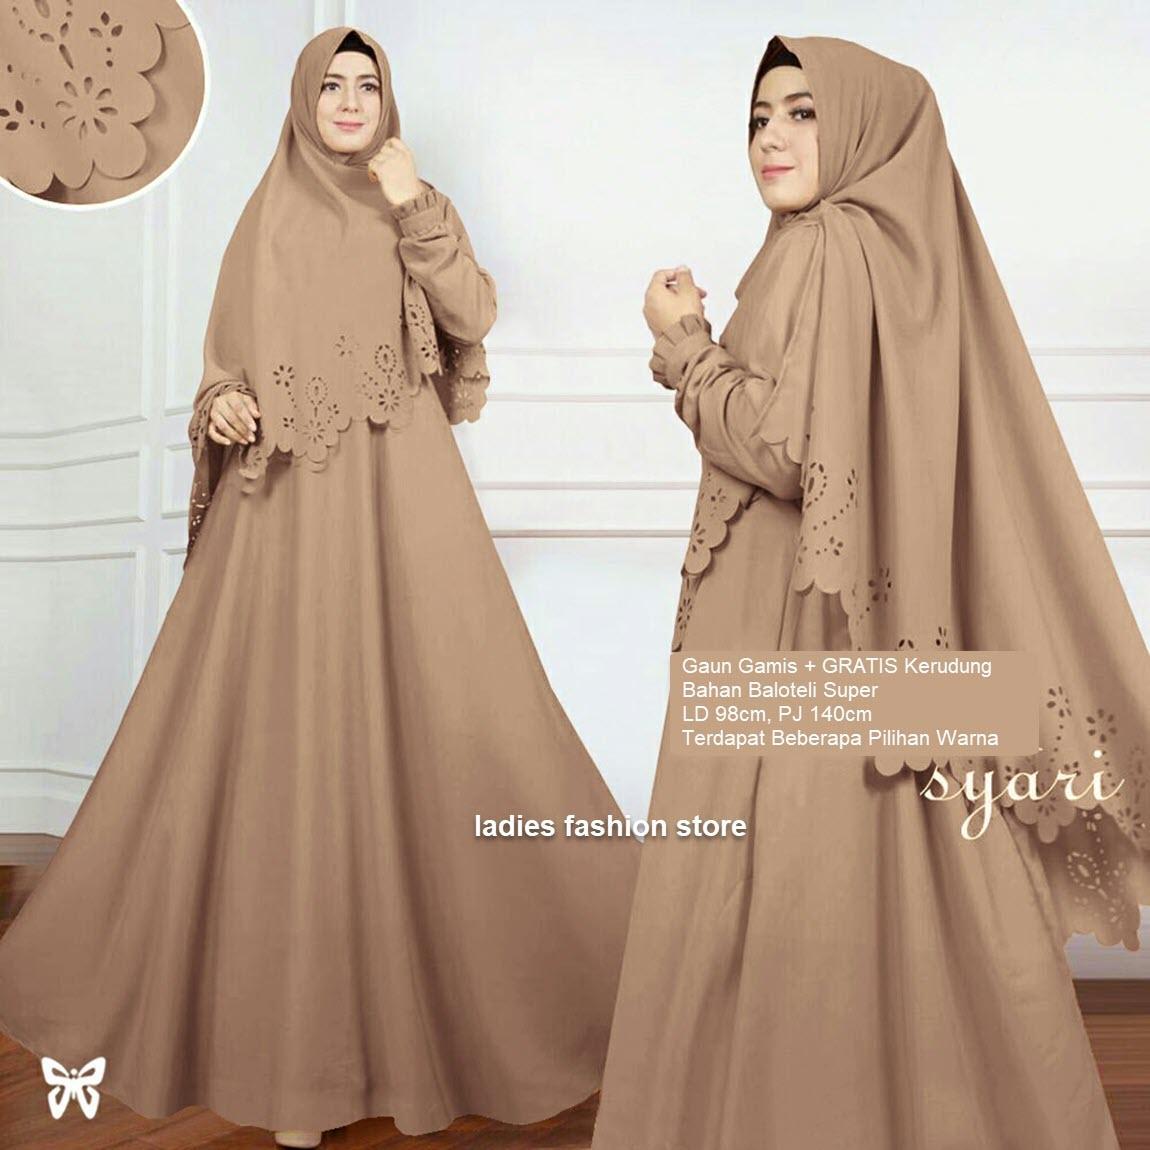 Fitur Gamis Modern Gratis Khimar Dress Syari Panjang Busui Gamis